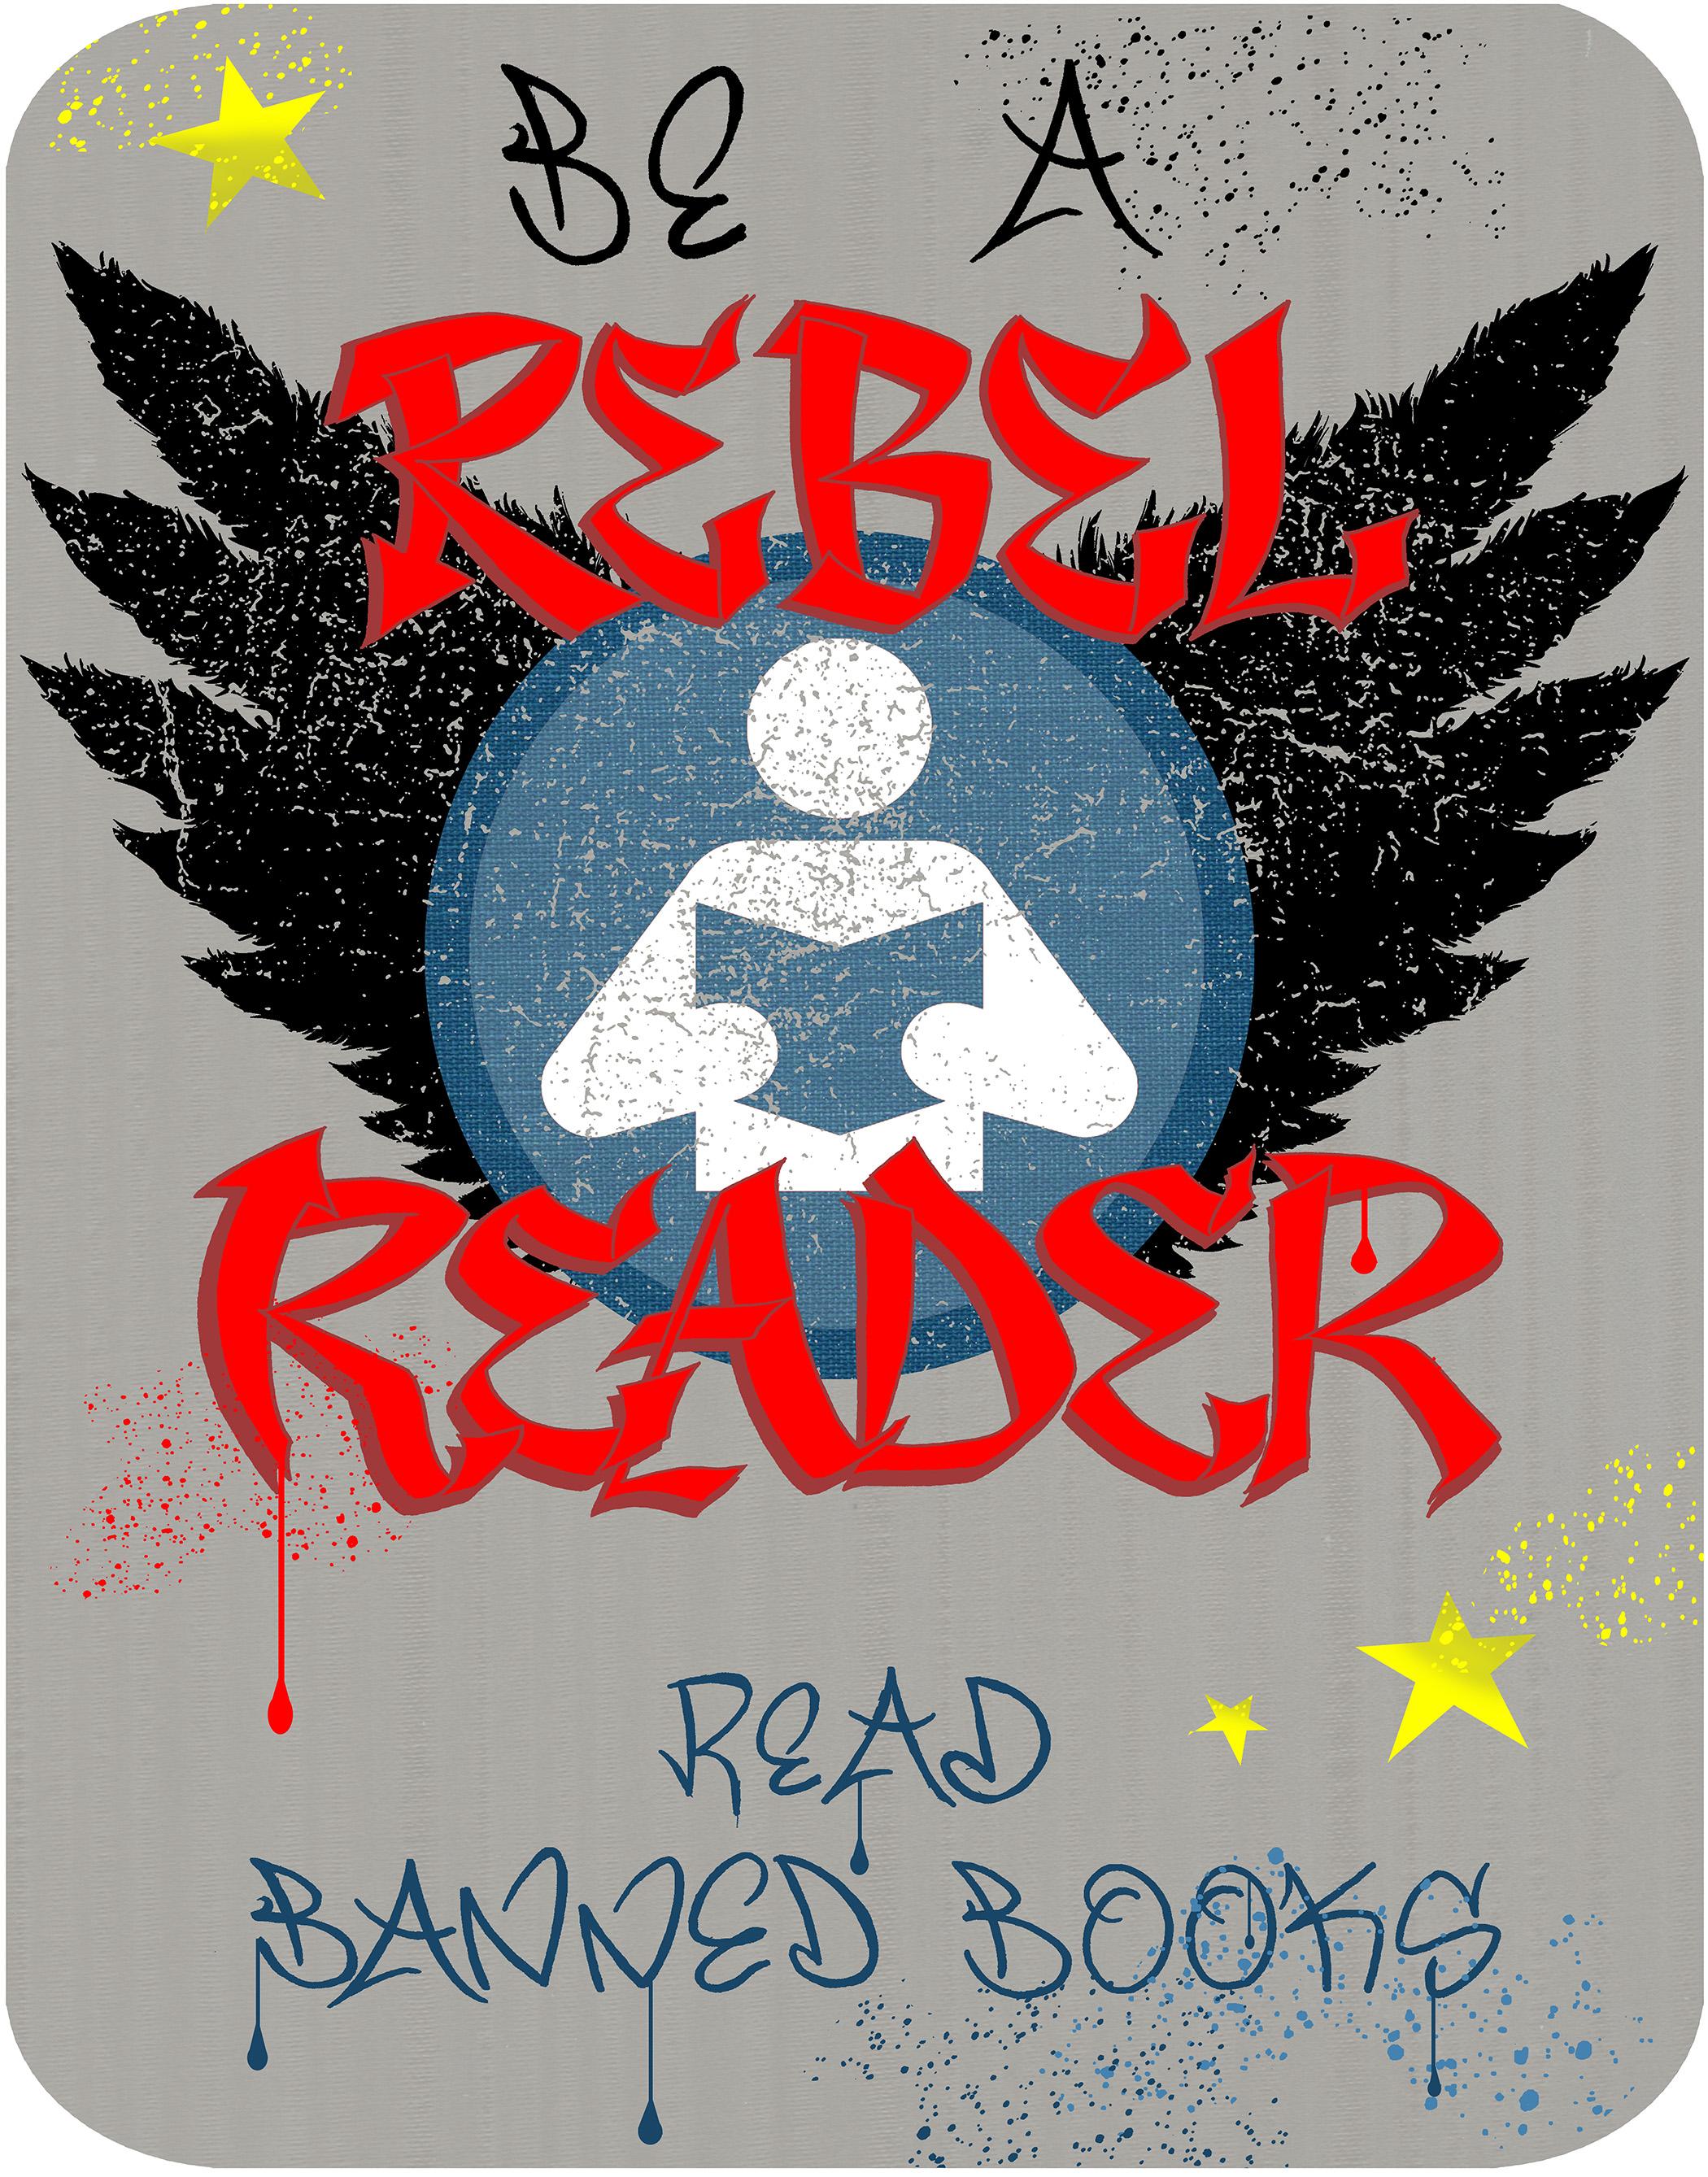 Rebel Reader Banned Books (vertical)